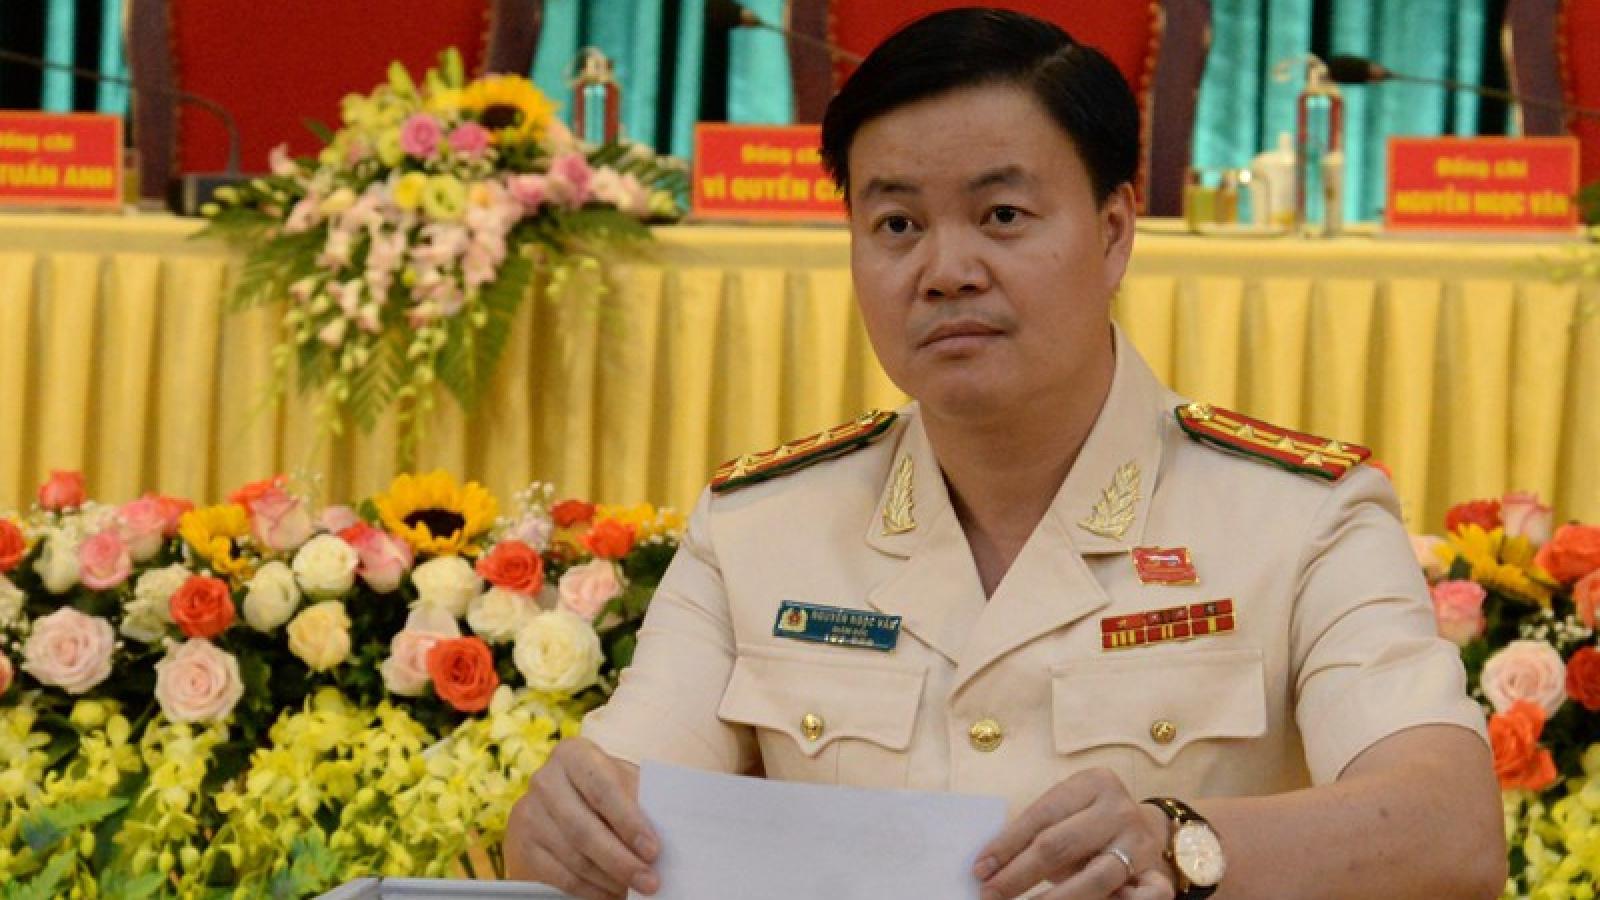 Đại tá Nguyễn Ngọc Vân tiếp tục giữ chức Bí thư Đảng ủy Công an tỉnh Sơn La